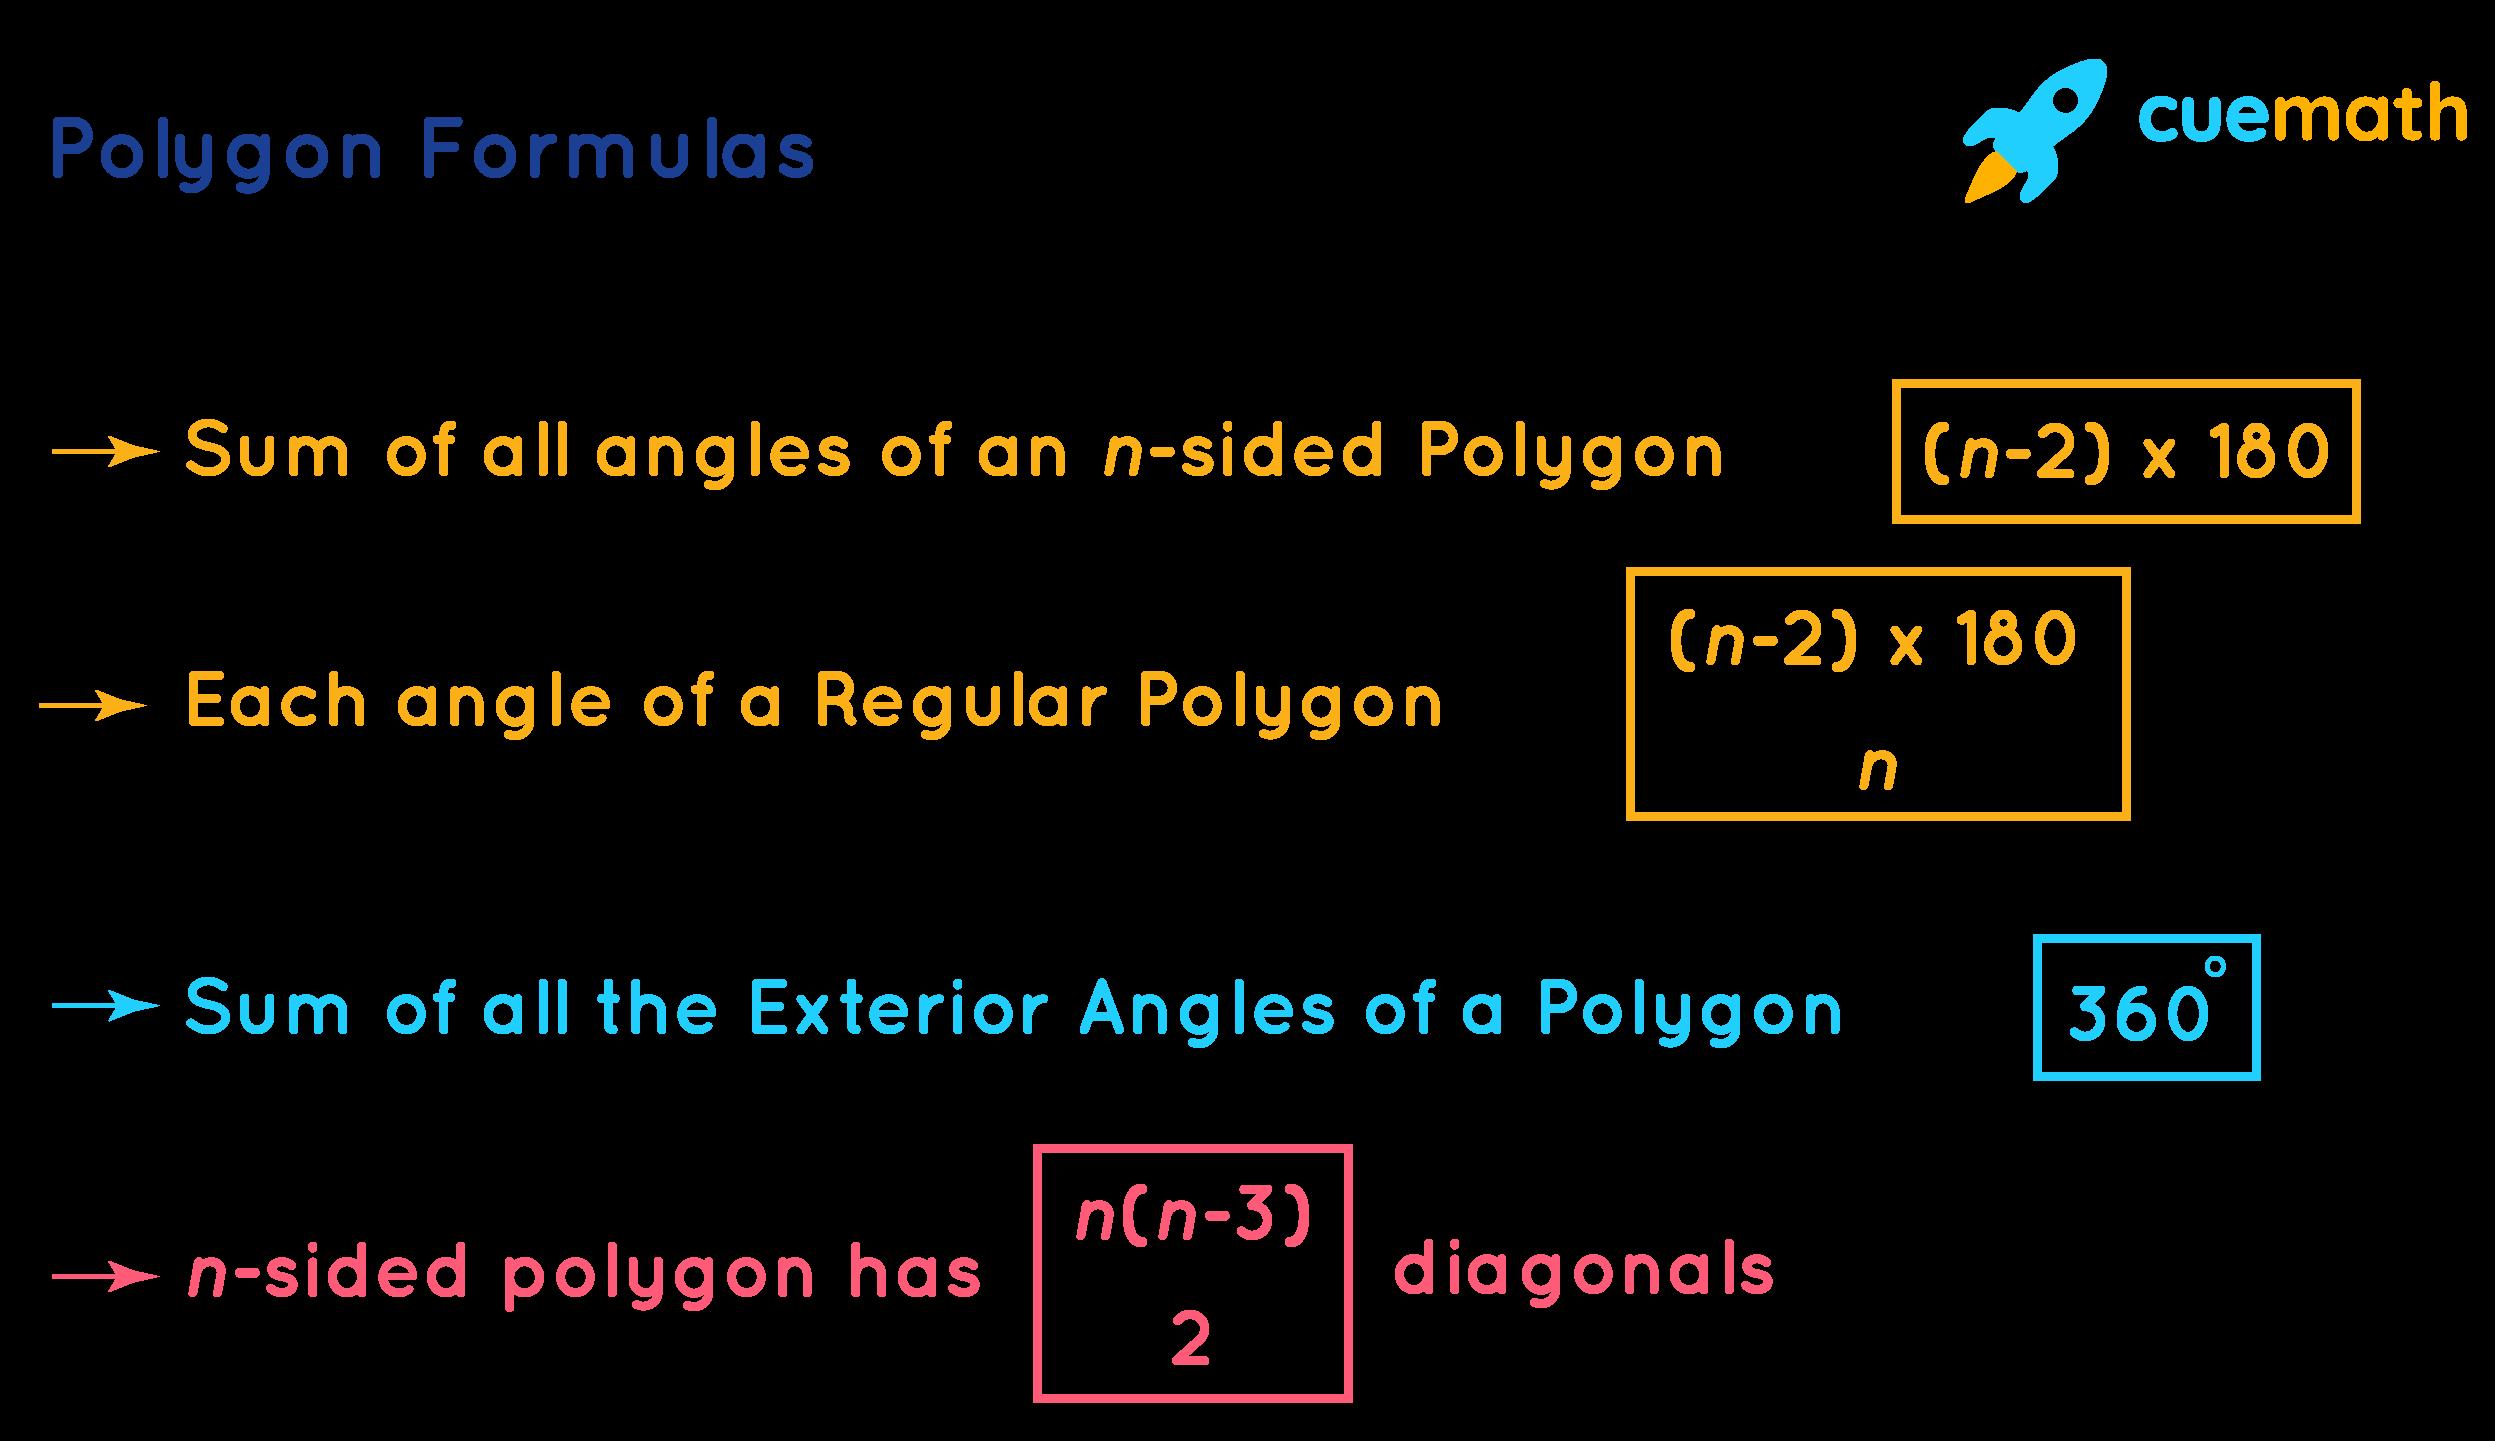 Polygon Formulas